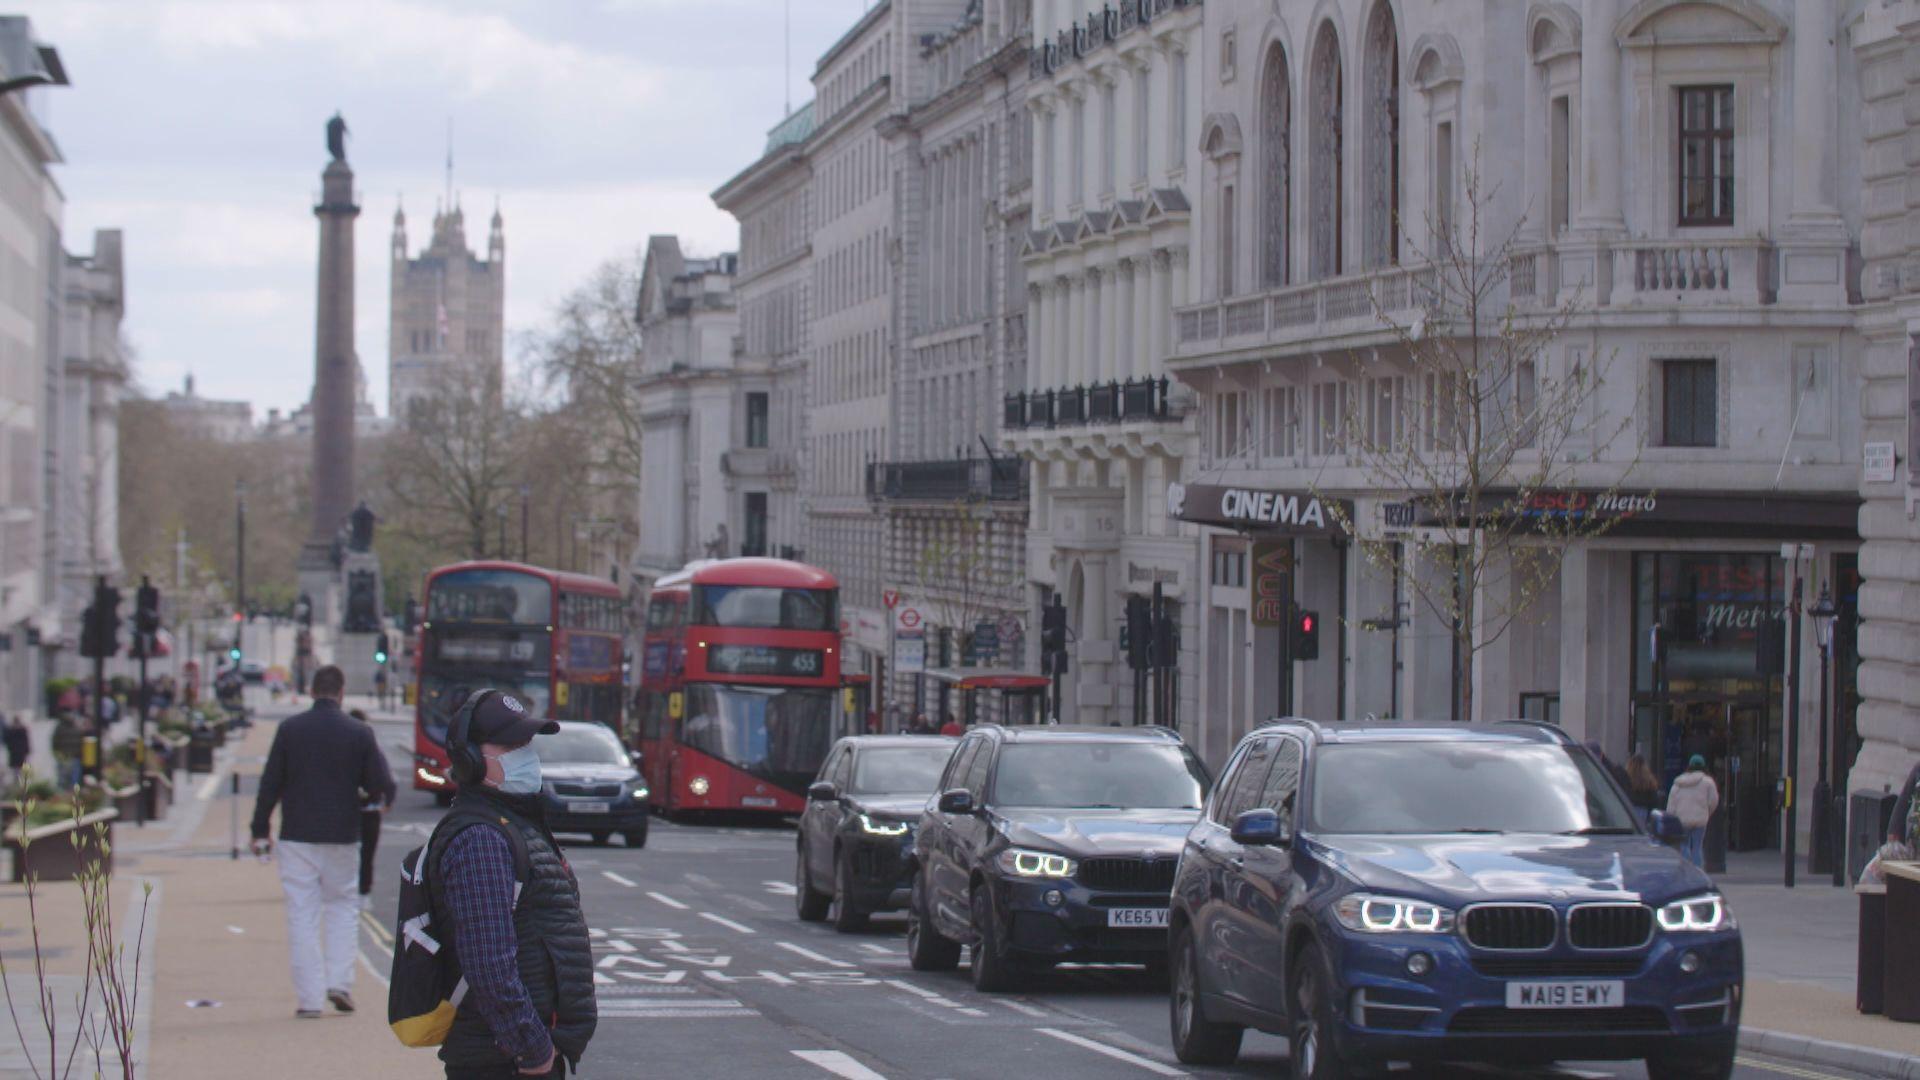 英國疫情續反彈 專家促加強防疫措施